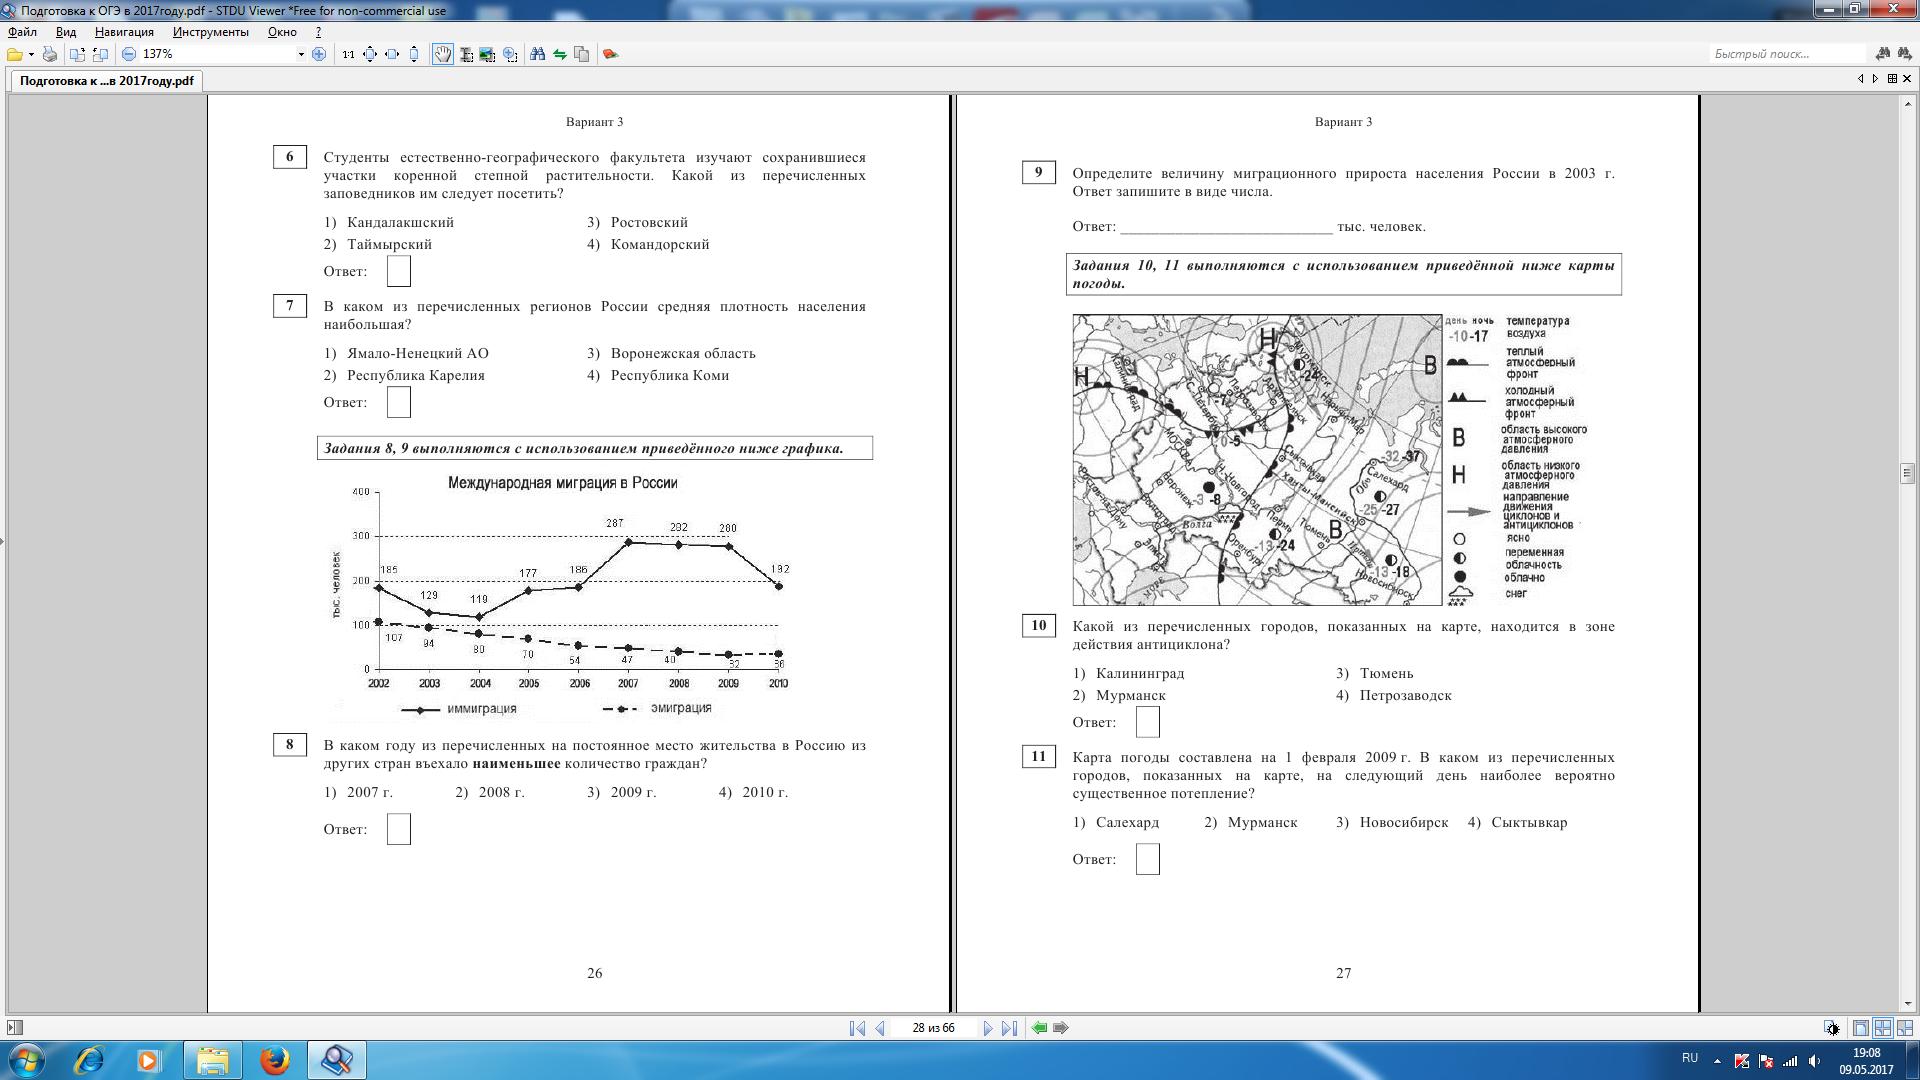 Диагностическая контрольная работа по географии 9530